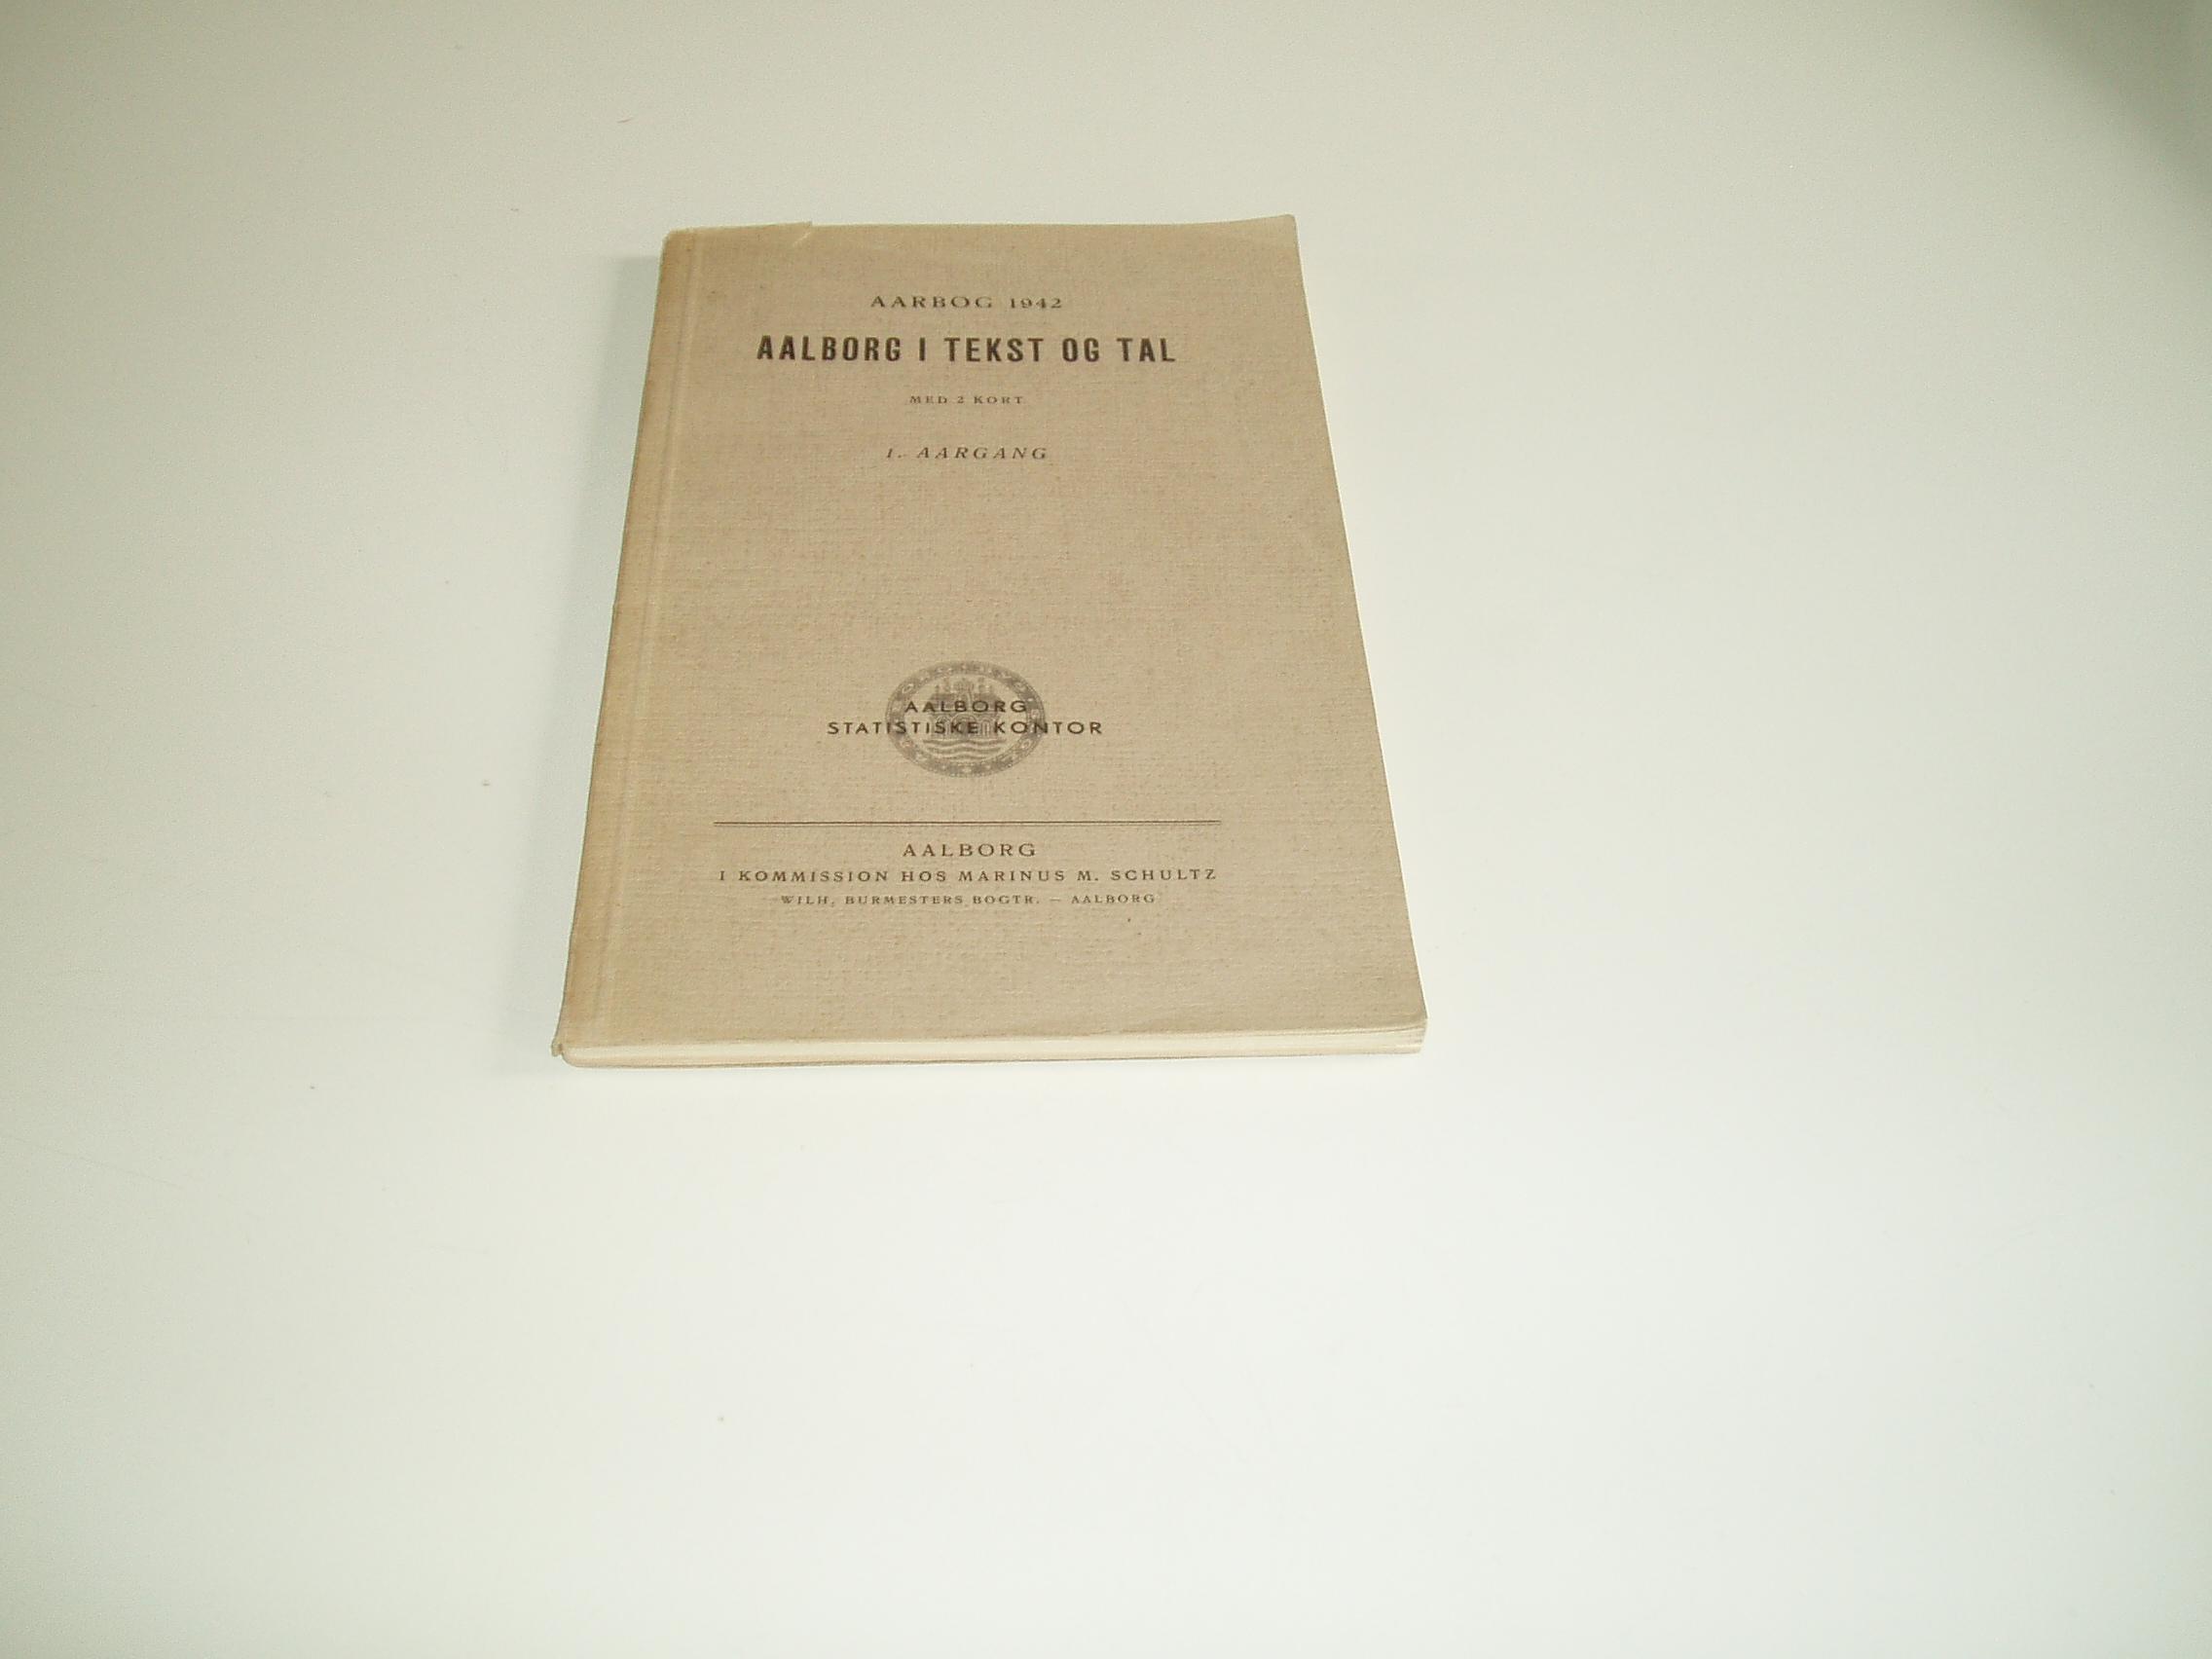 Aalborg i tekst og tal med 2 kort. Aarbog 1942. 1. Aargang